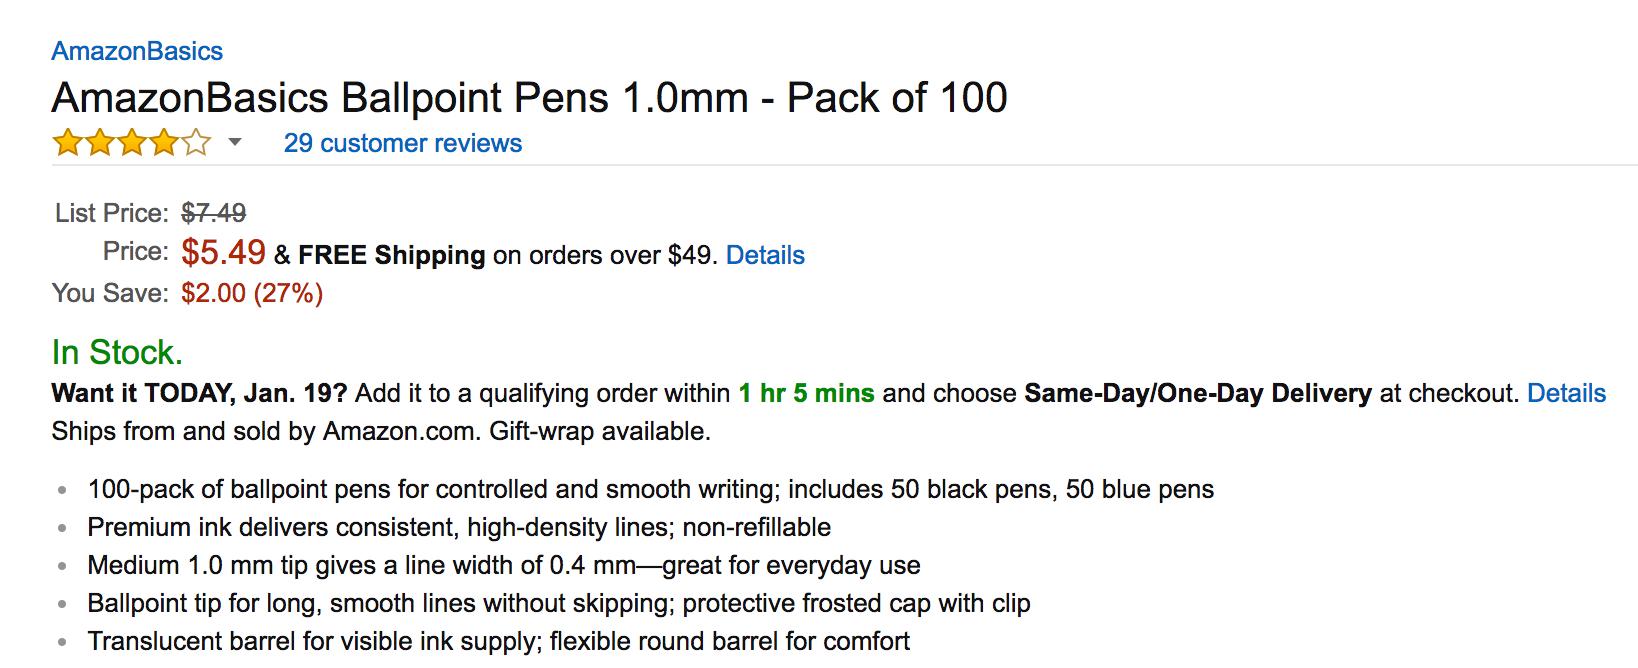 amazonbasics-ballpoint-pens-2